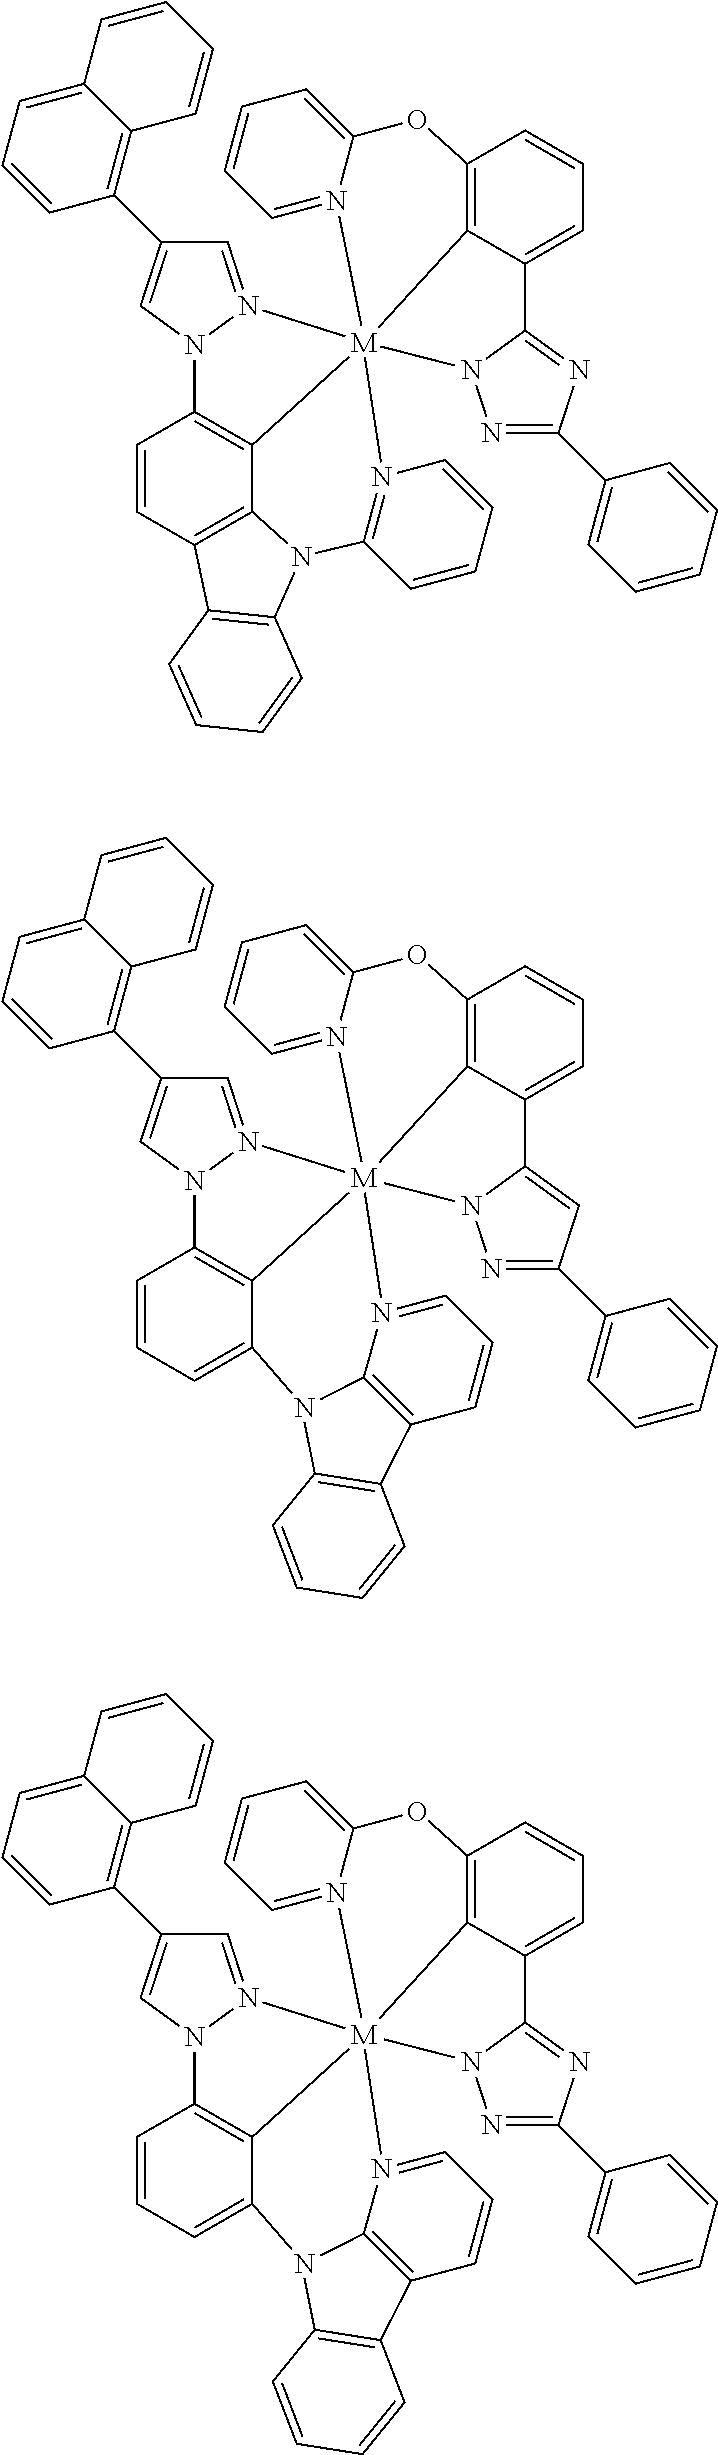 Figure US09818959-20171114-C00330